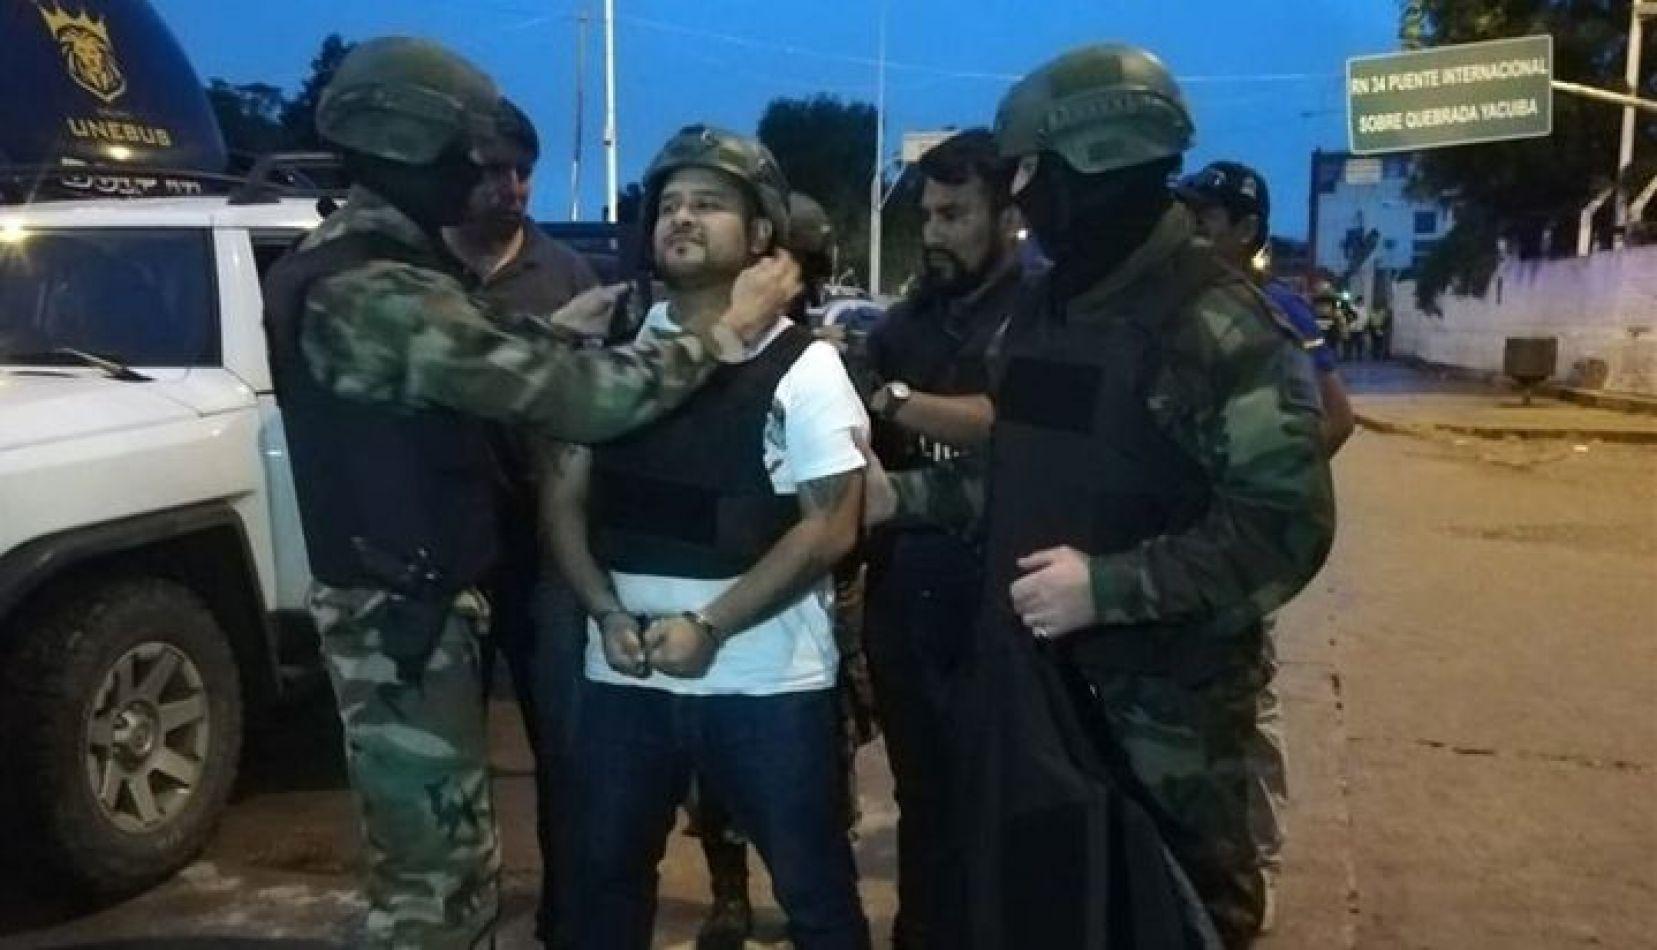 Hoy indagarán a Mauricio Gerónimo, el exconcejal narco capturado en Bolivia